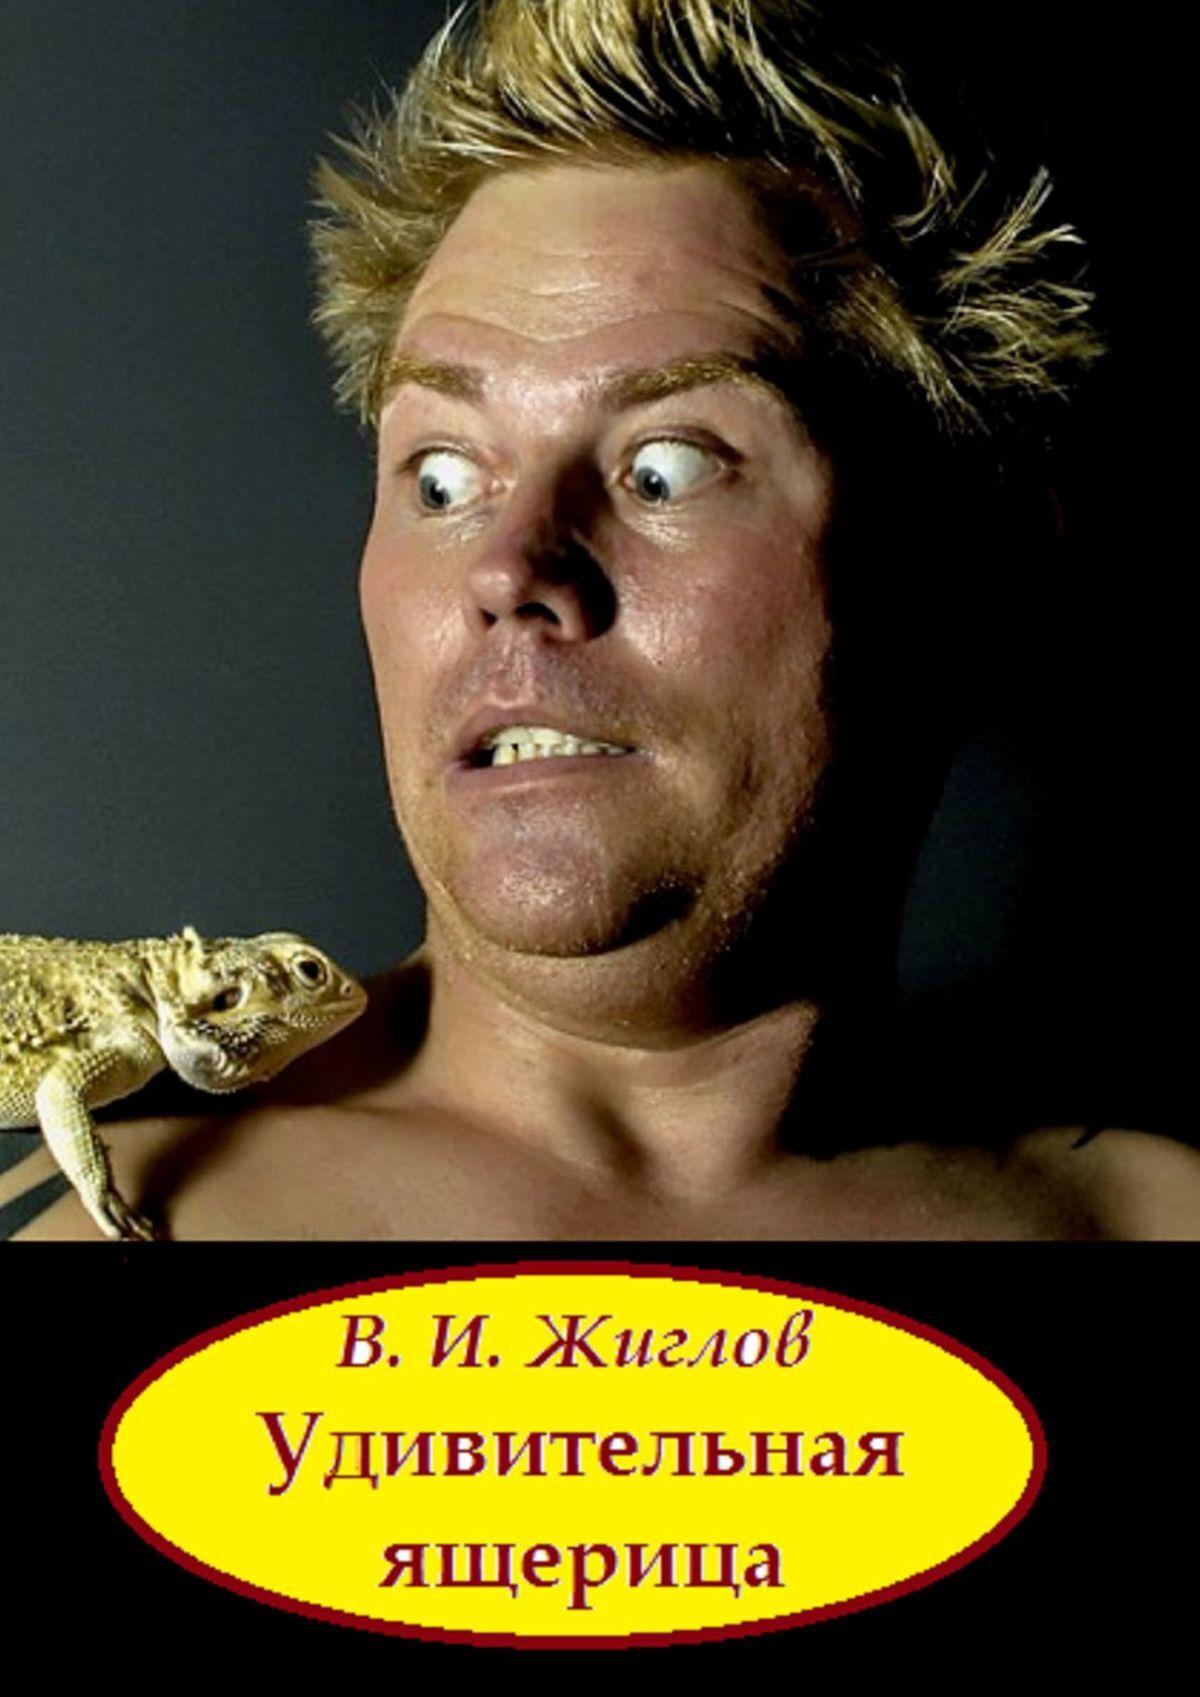 В. И. Жиглов Удивительная ящерица. Весёлые истории для детей жиглов в и иероним босх составитель в и жиглов